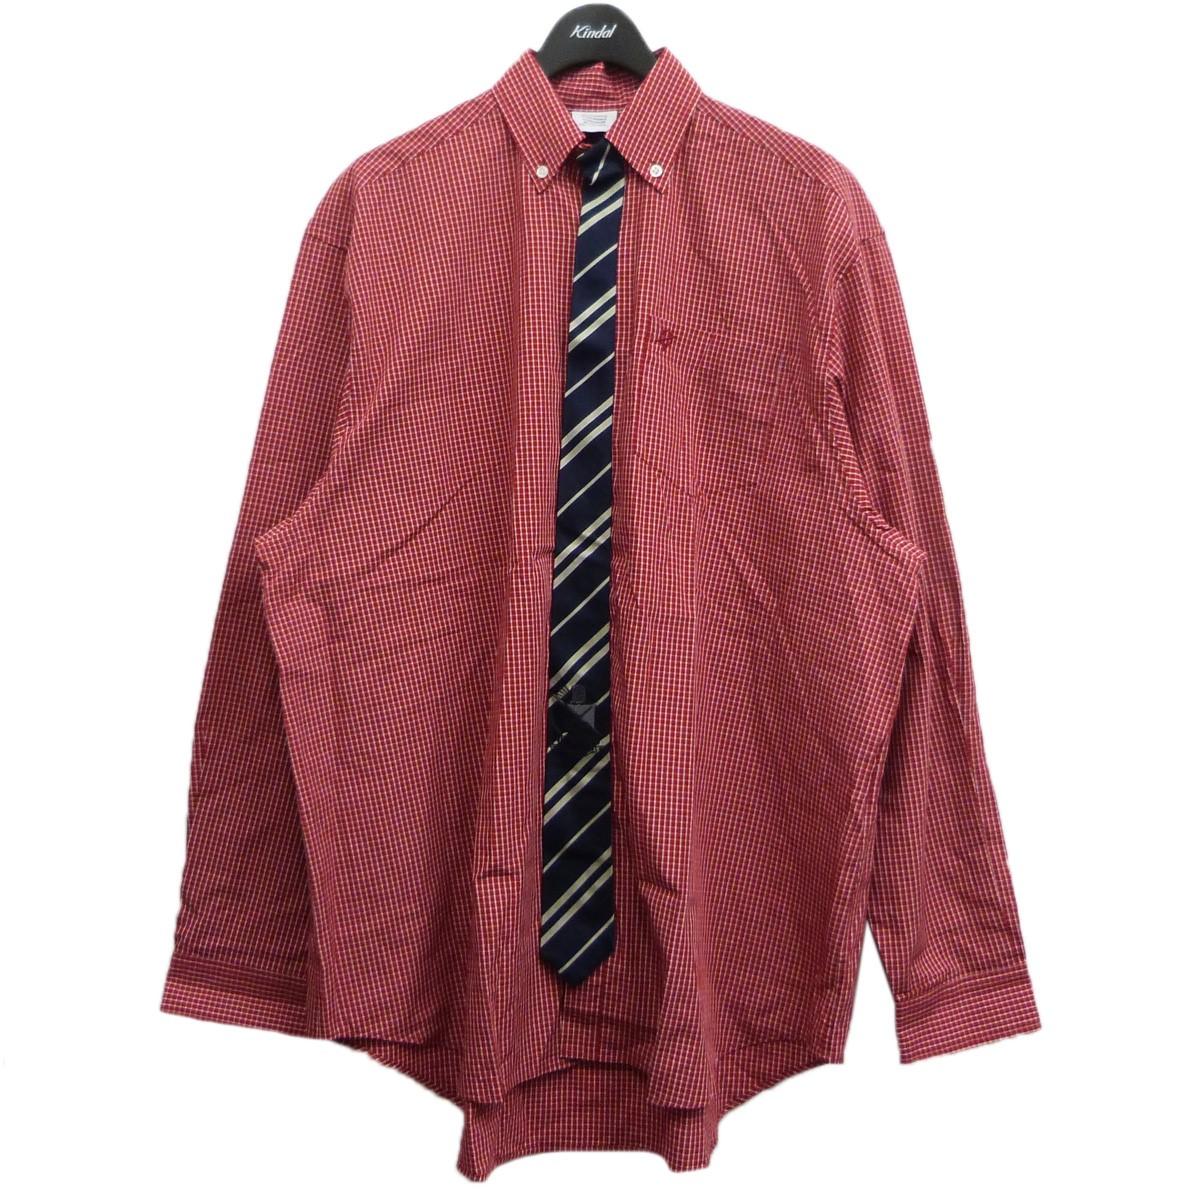 ヴェトモン 中古 VETEMENTS19AW ディスカウント TIE LONGSLEEVE 低廉 SHIRT レッド×ネイビー 6月22日見直し タイドッキングシャツ サイズ:XS